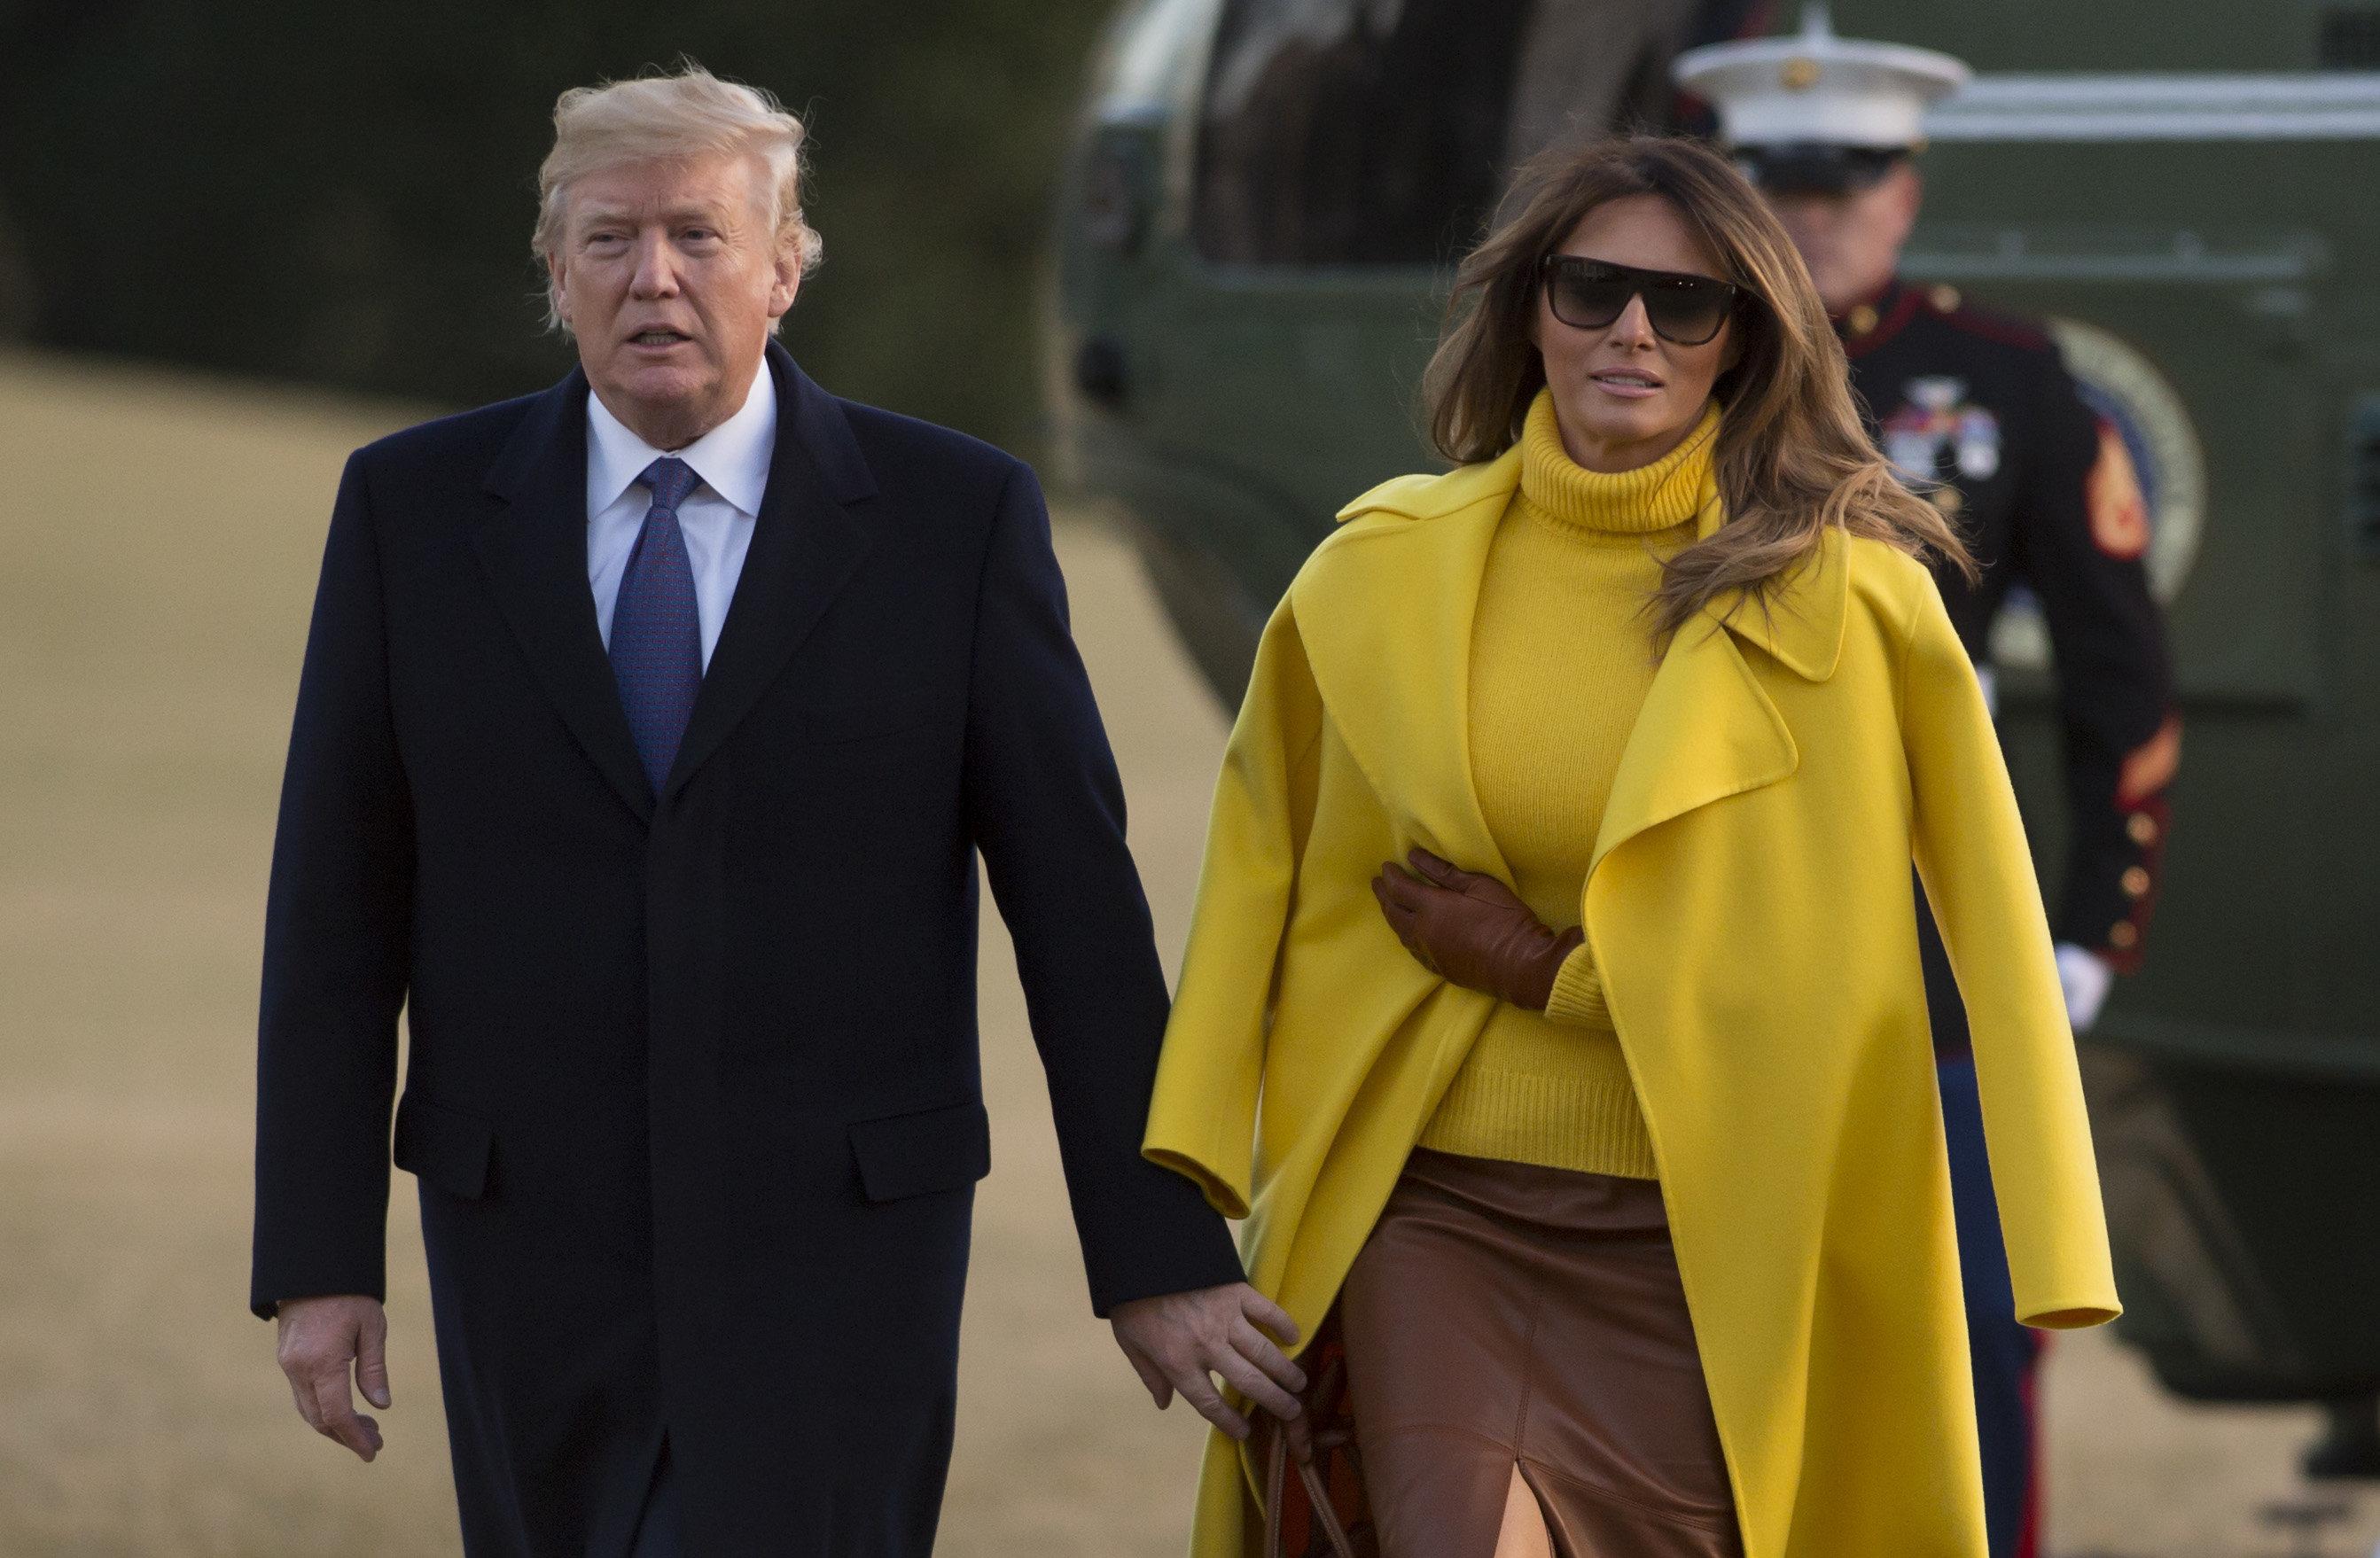 Il n'y a pas que Melania qui évite Donald Trump